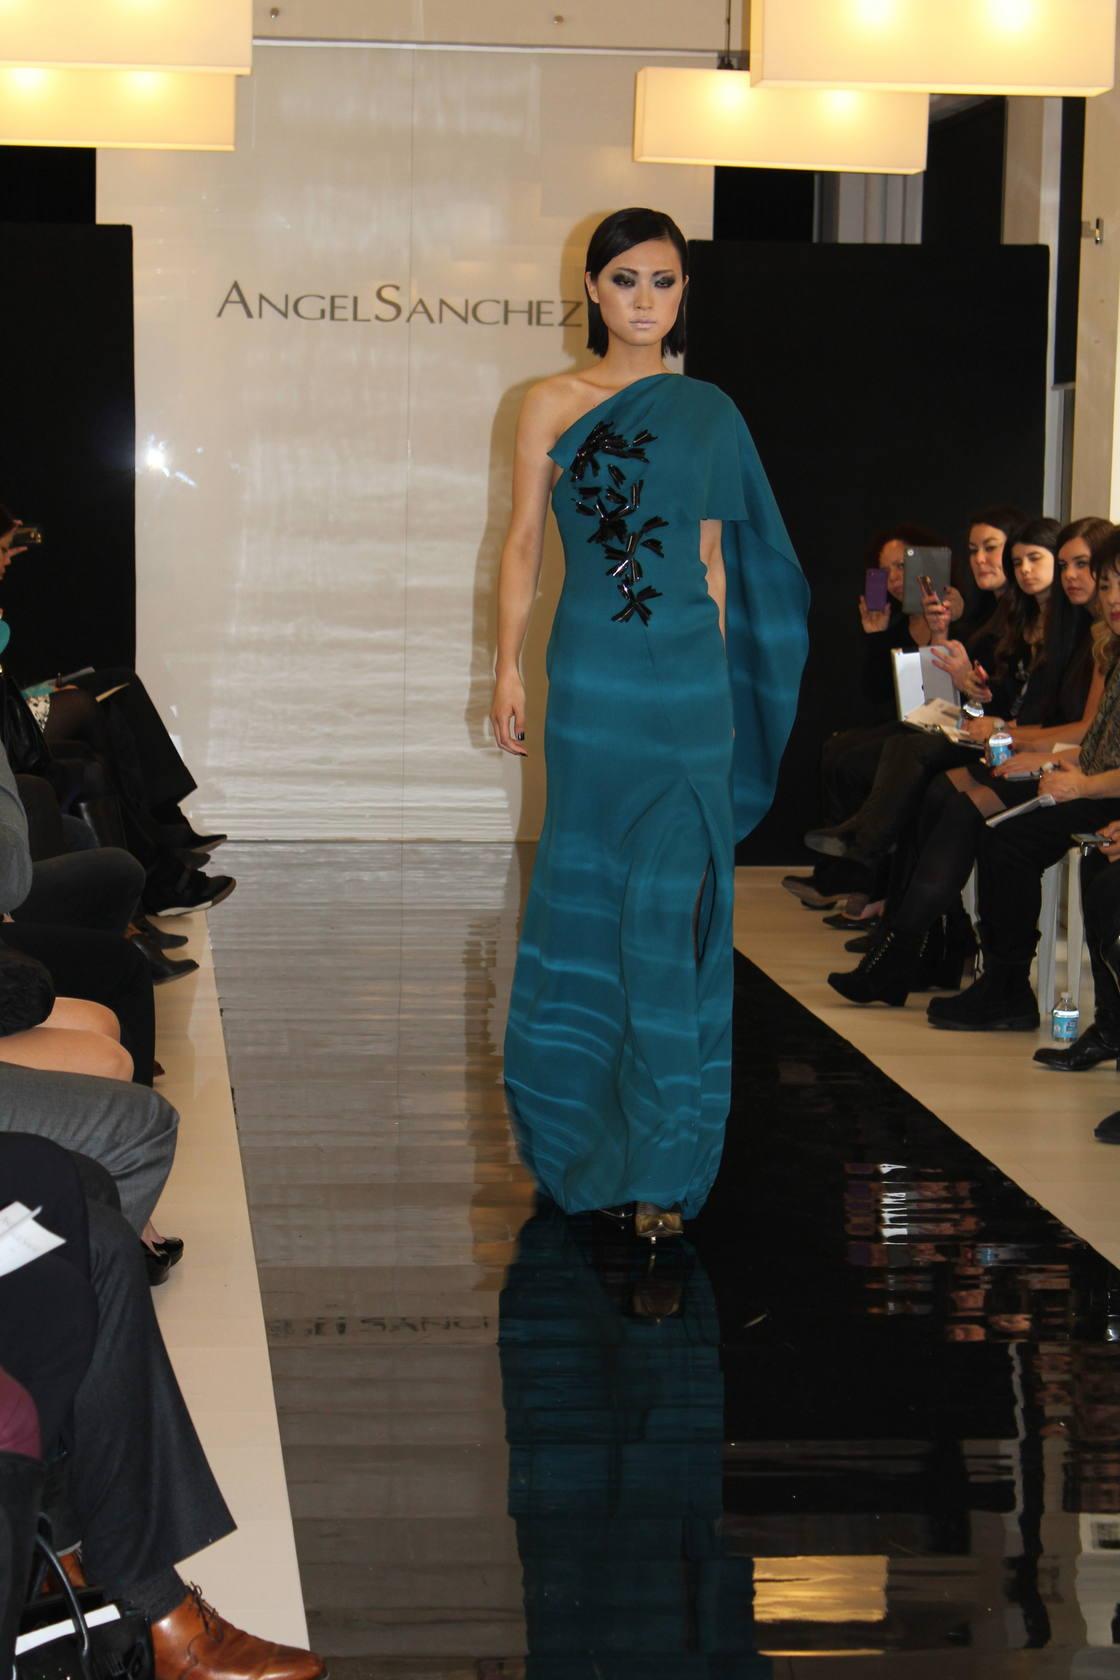 Donostia inspira al modisto Ángel Sánchez